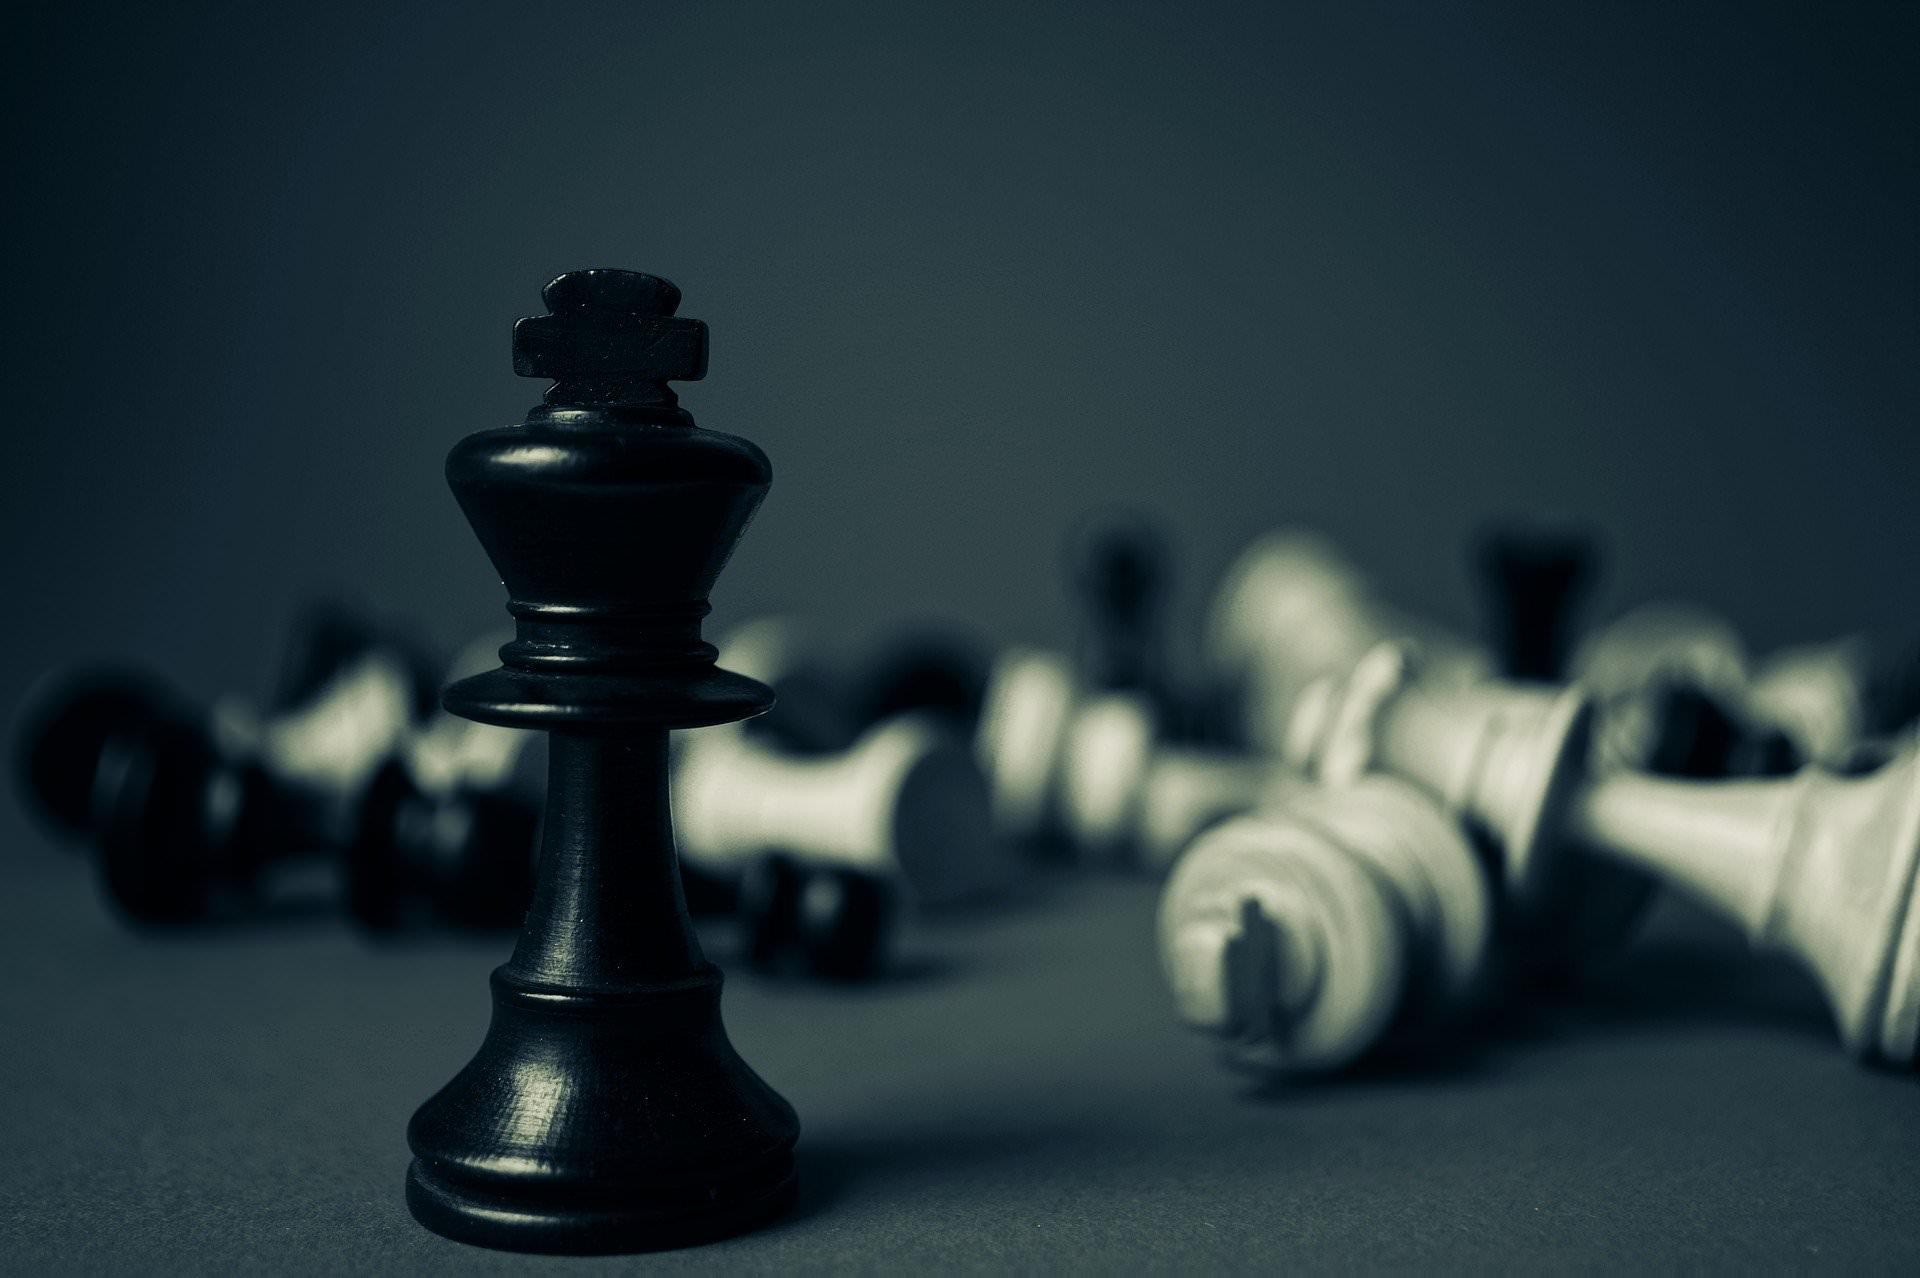 外資系企業のメリットとデメリット